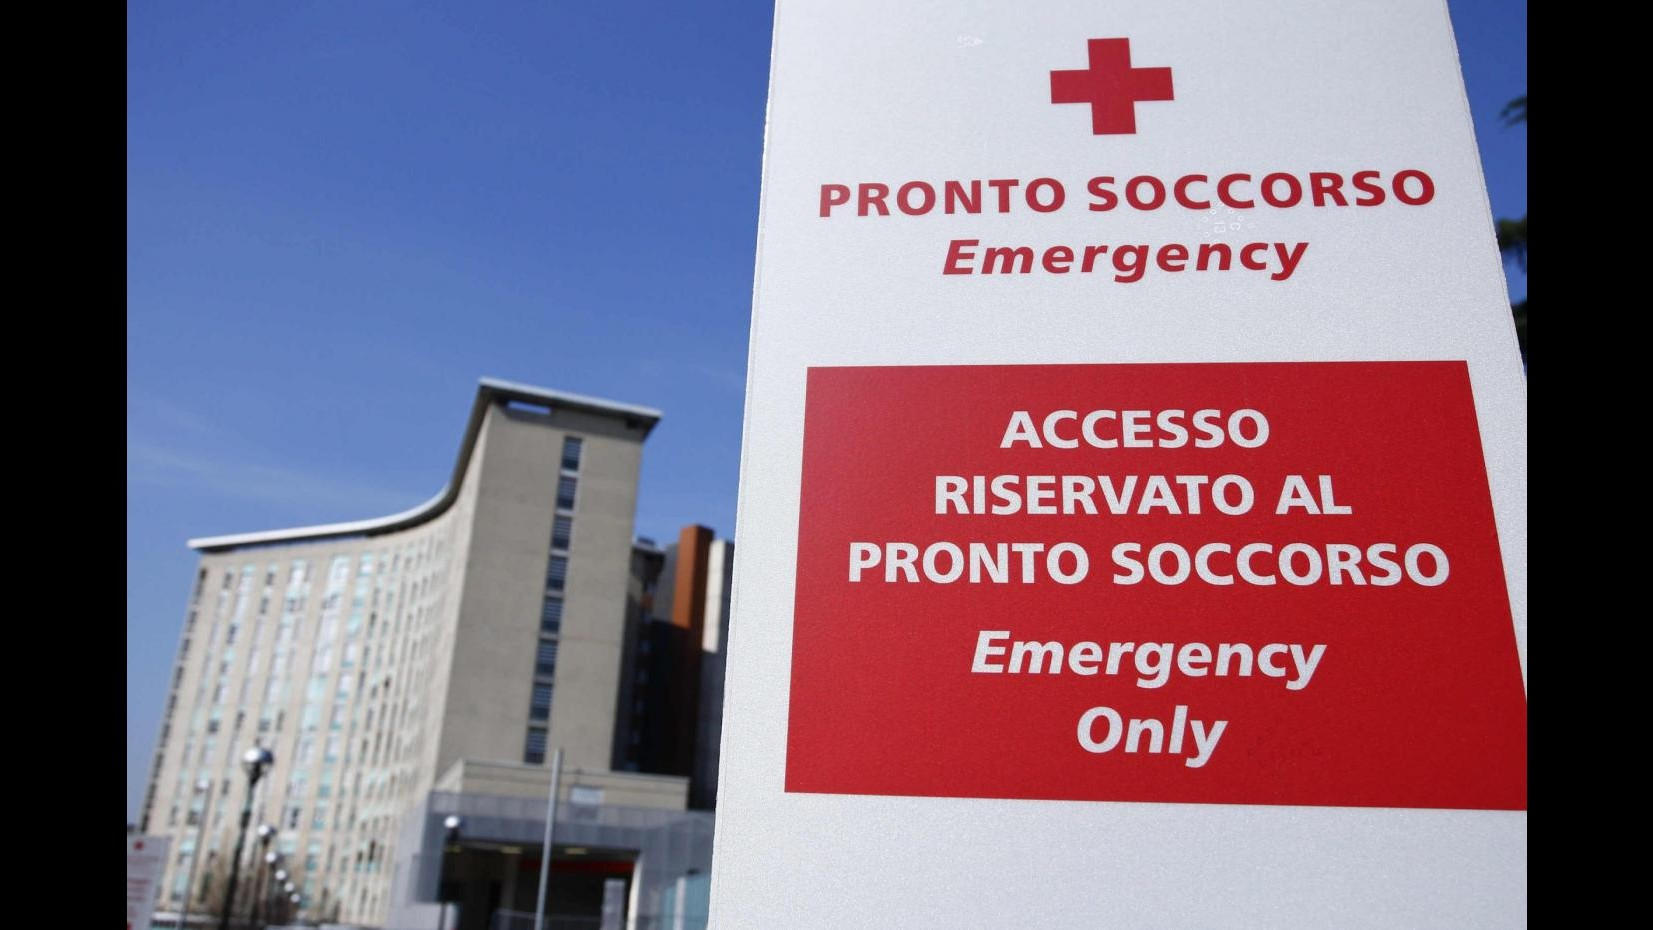 Salute, Istat: 53.6% italiani ha difficoltà in accesso pronto soccorso